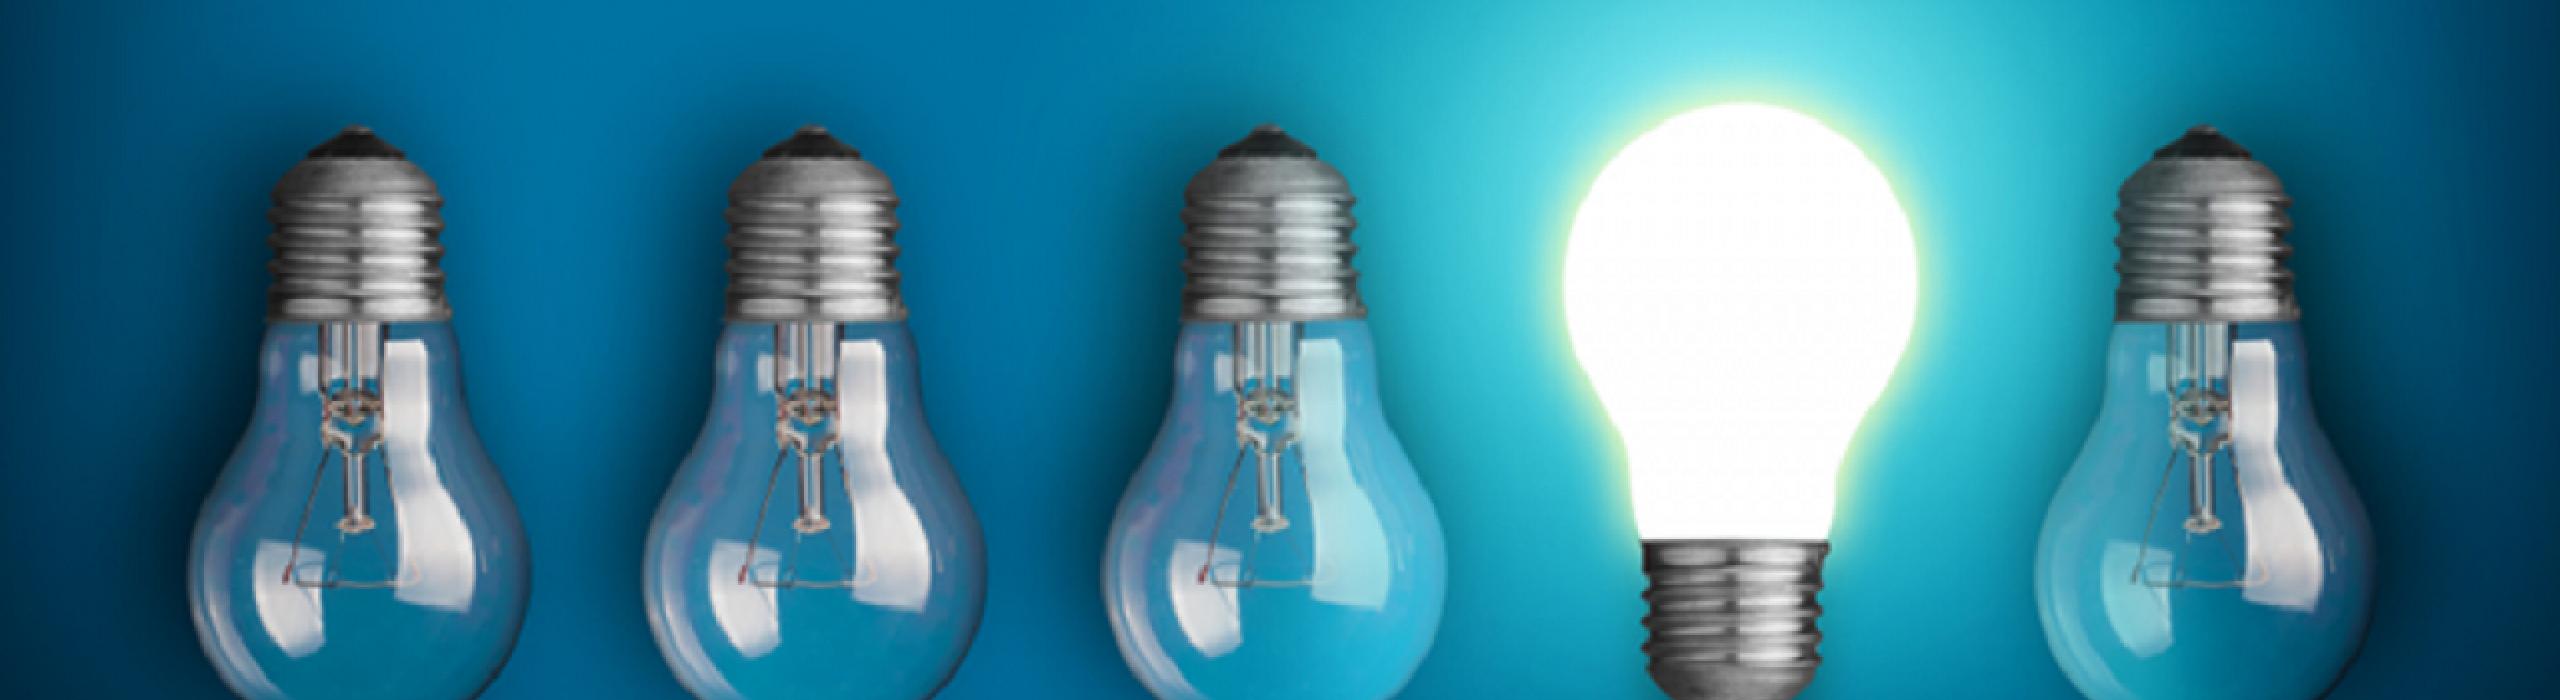 lighted lightbulb